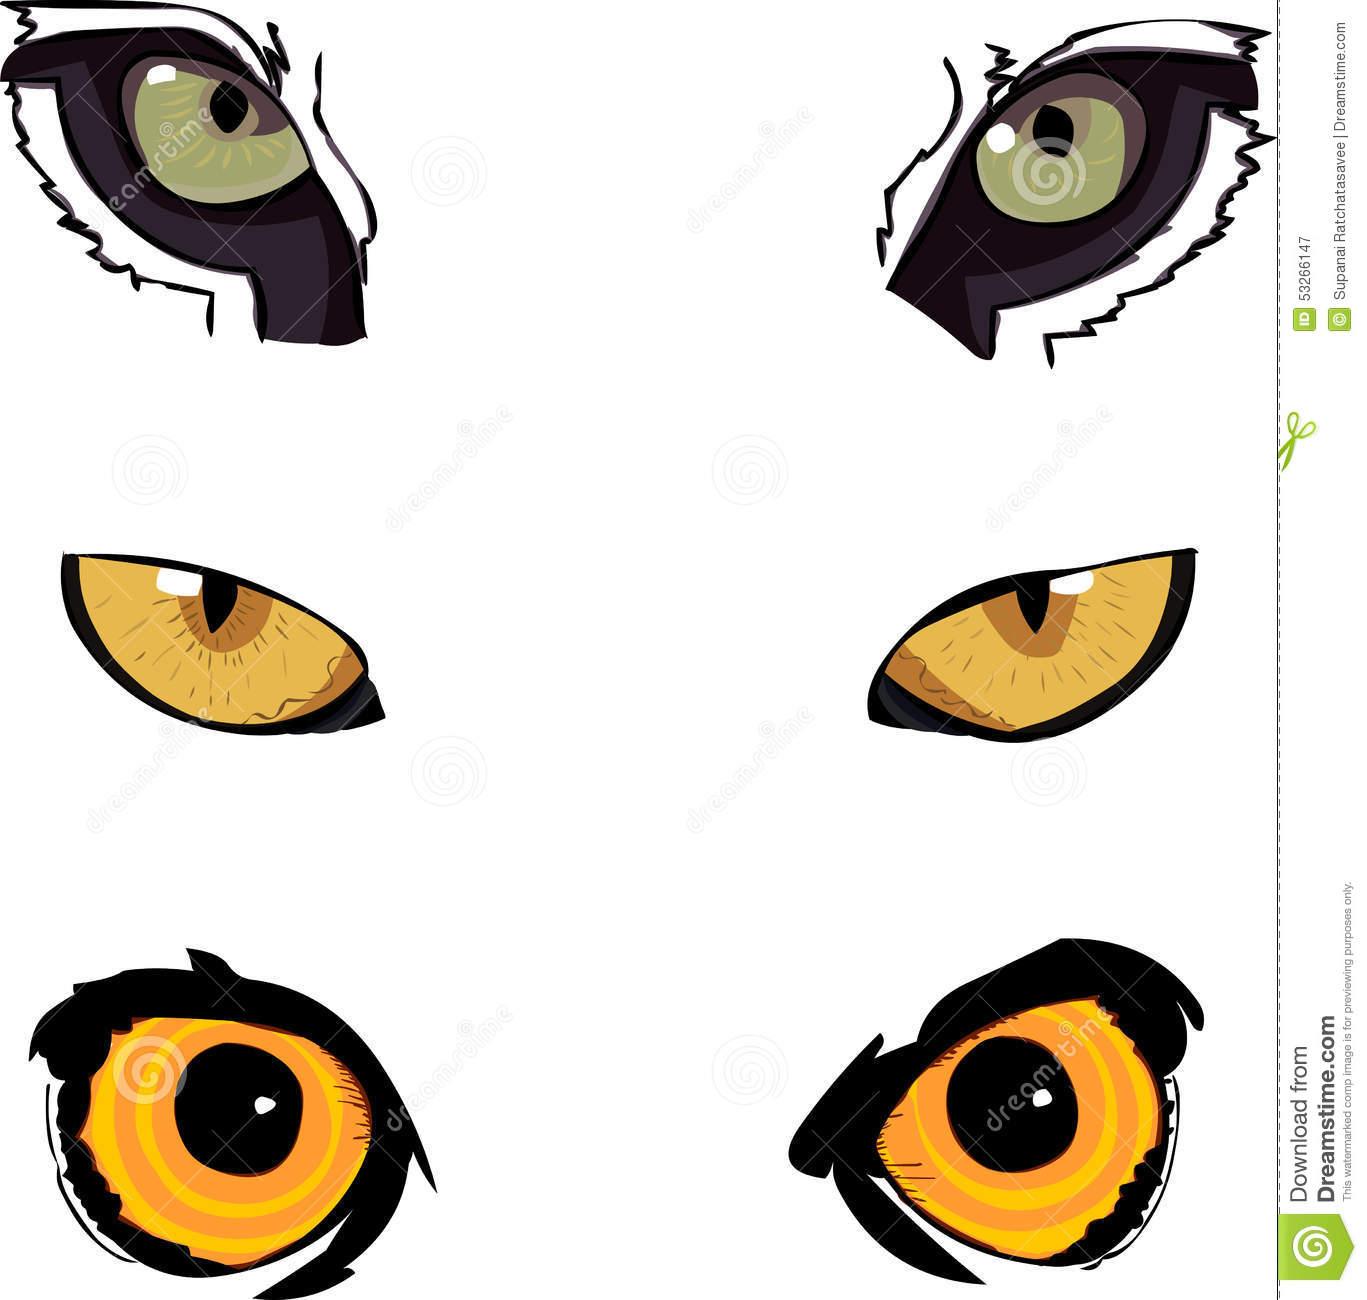 Illustration Animal Eyes Images